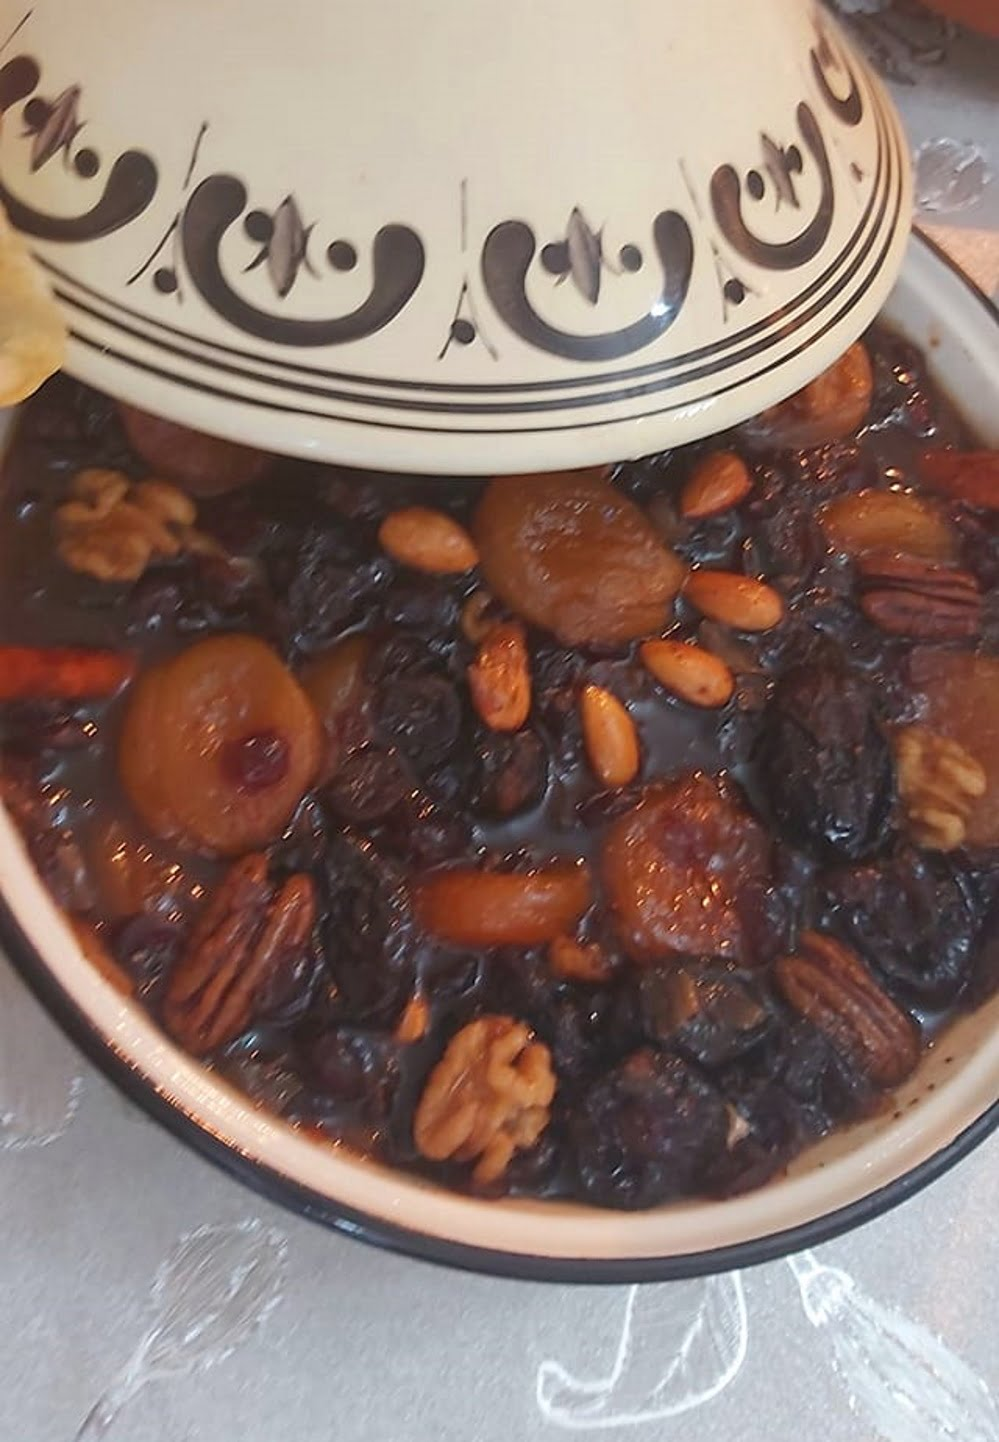 טנזיה פירות יבשים ואגוזים_מתכון של רוז טעים במטבח אוחנה